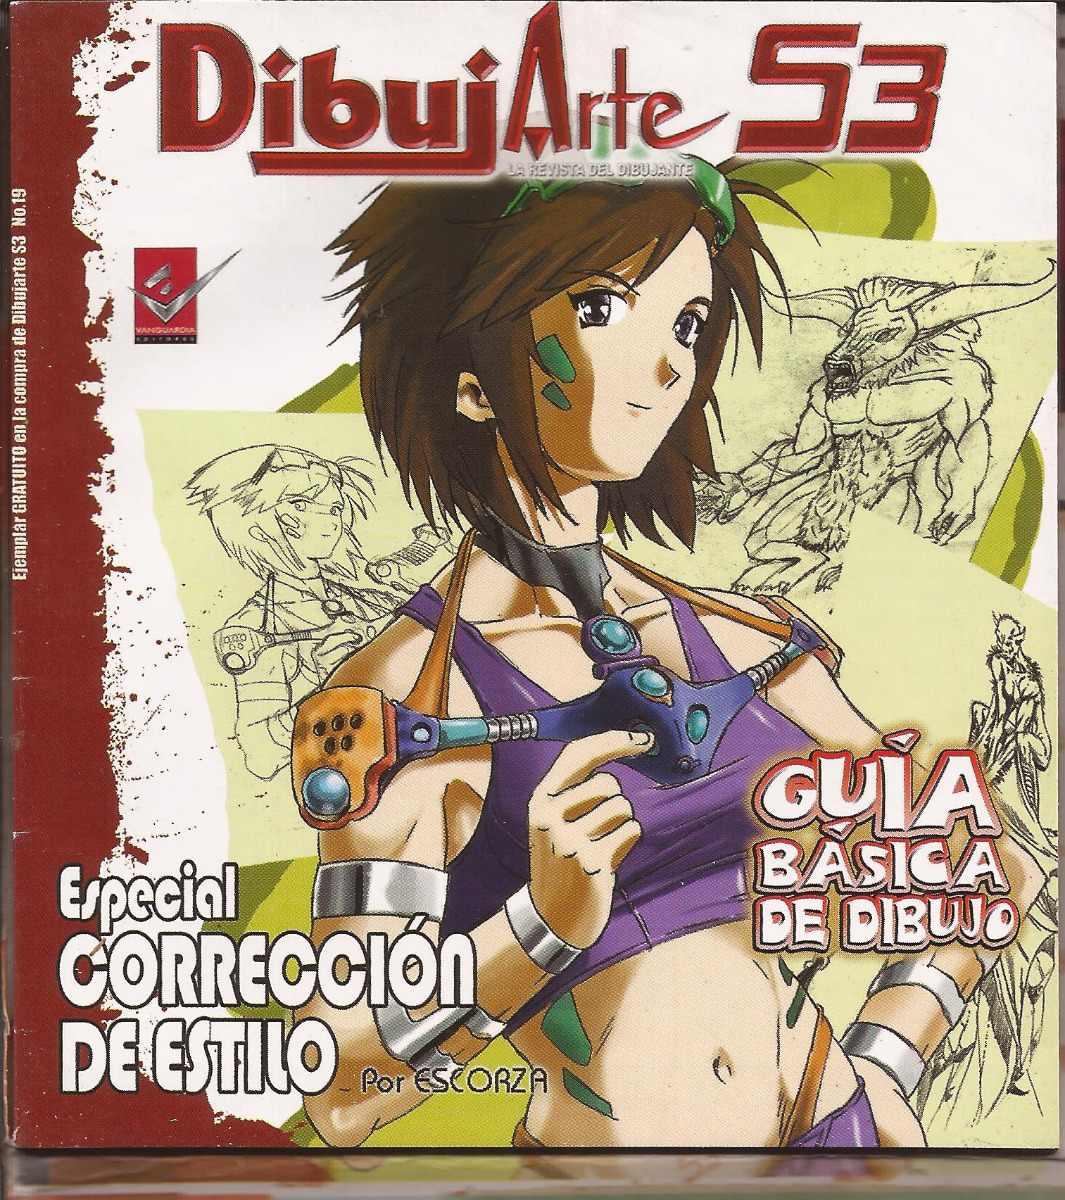 revista de dibujarte s3